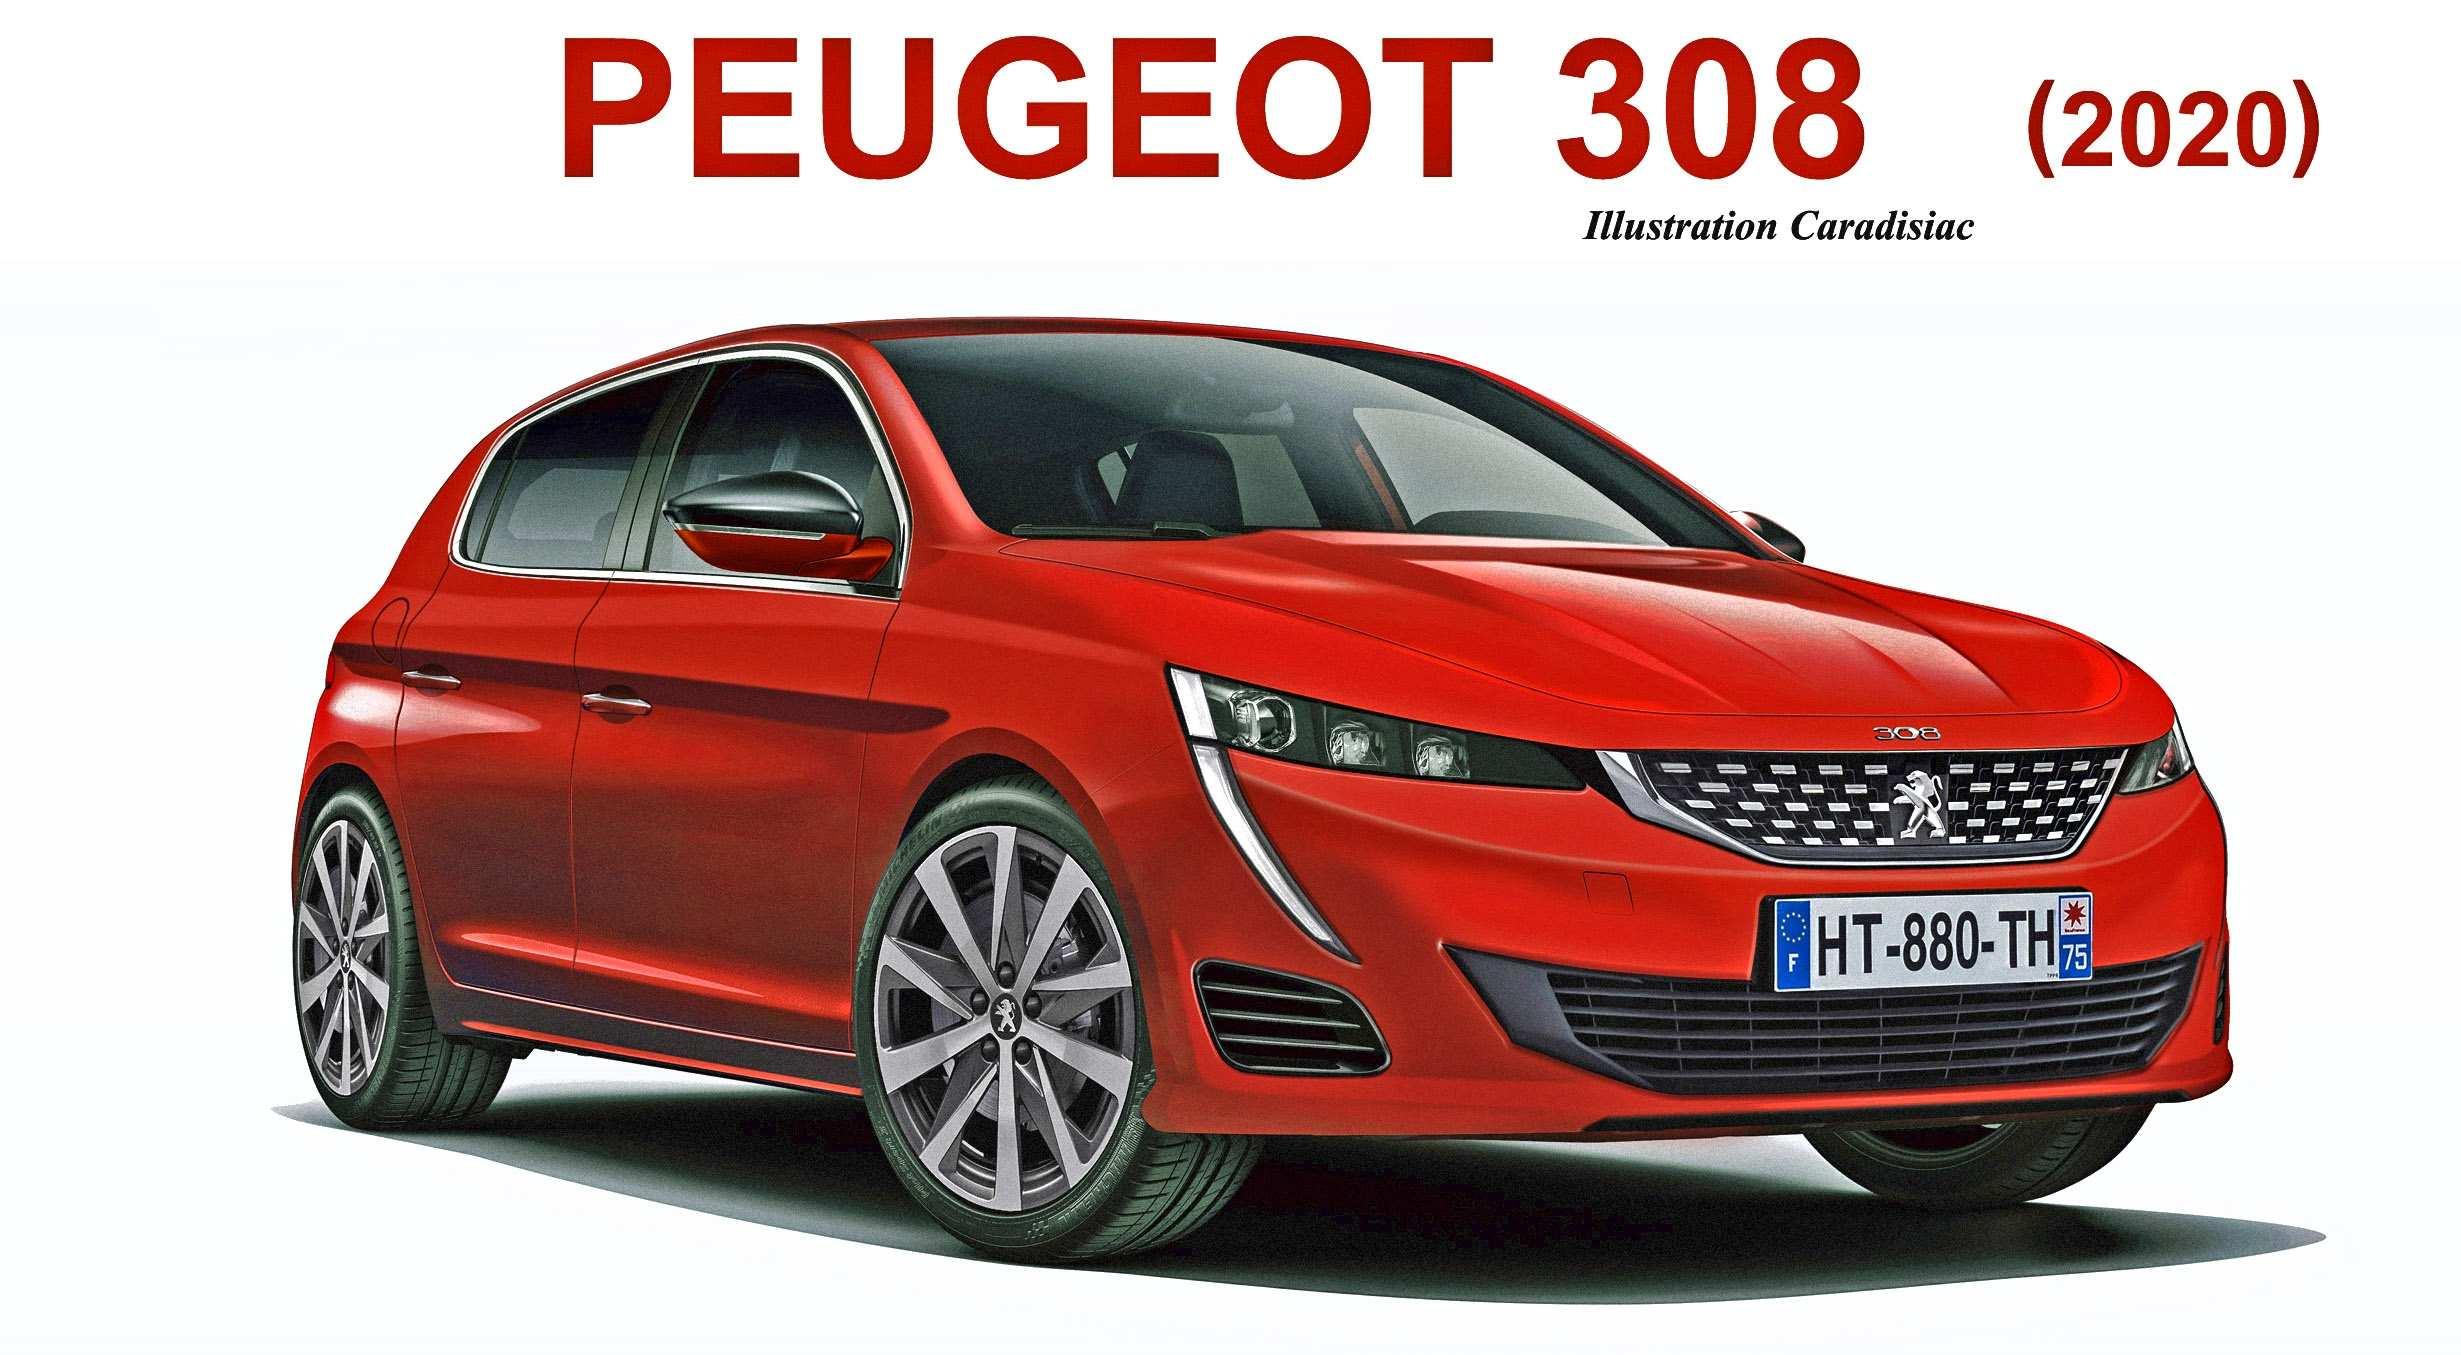 55 Concept of Nouveautes Peugeot 2020 Reviews with Nouveautes Peugeot 2020